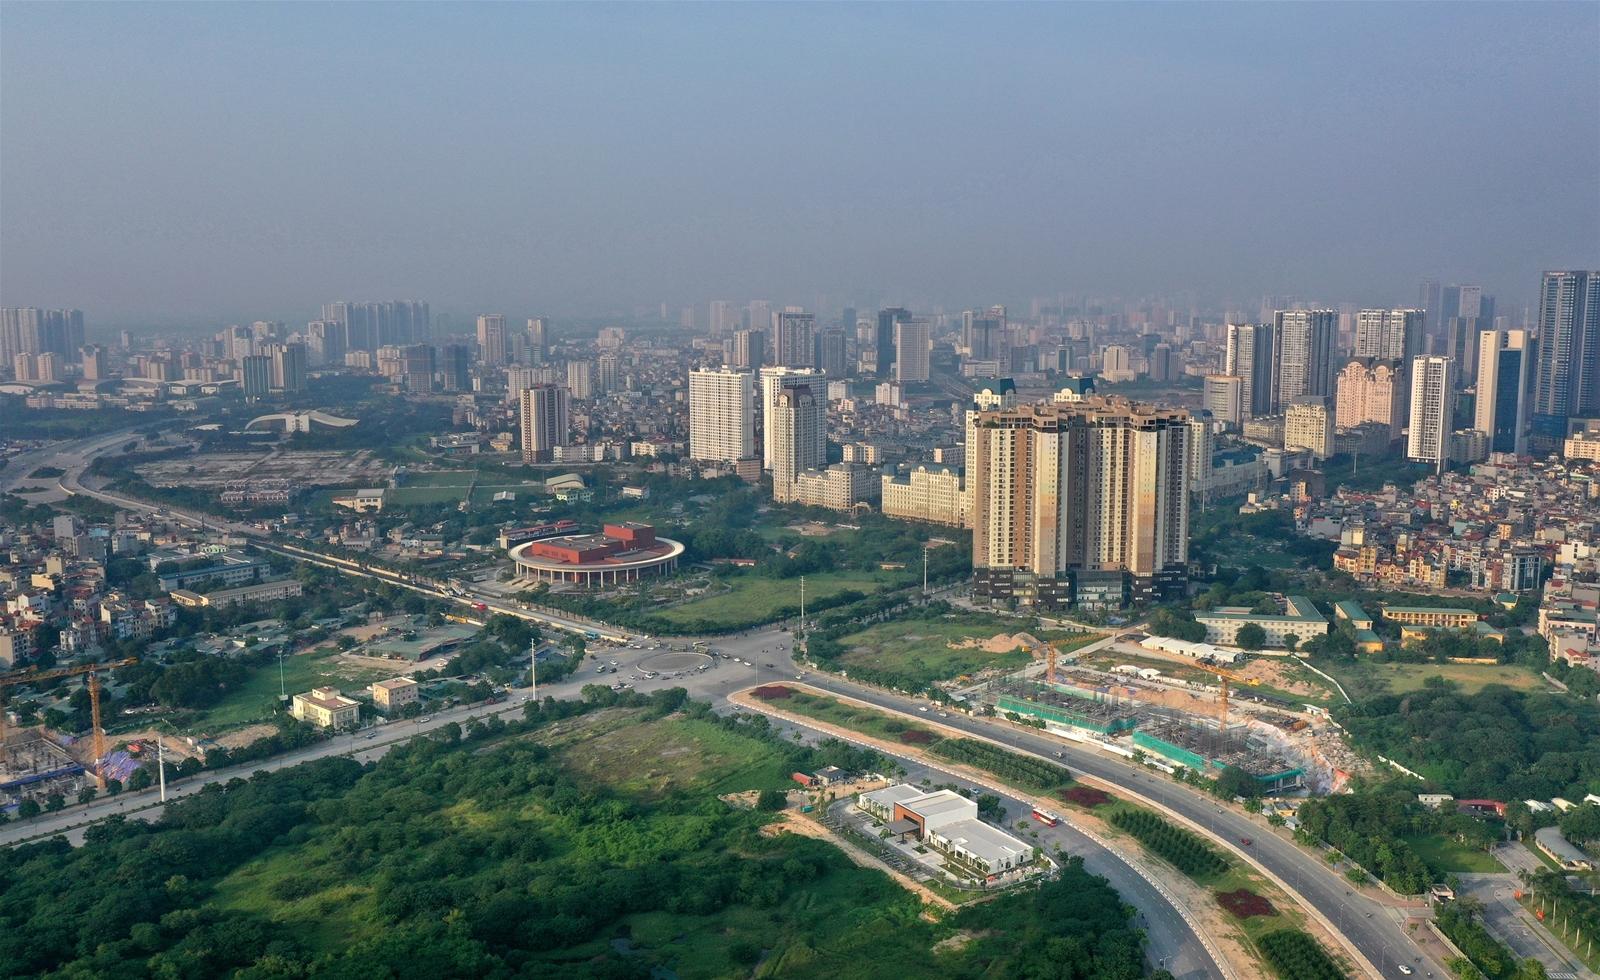 thành phố có nhiều nhà cao tầng nhìn từ trên cao